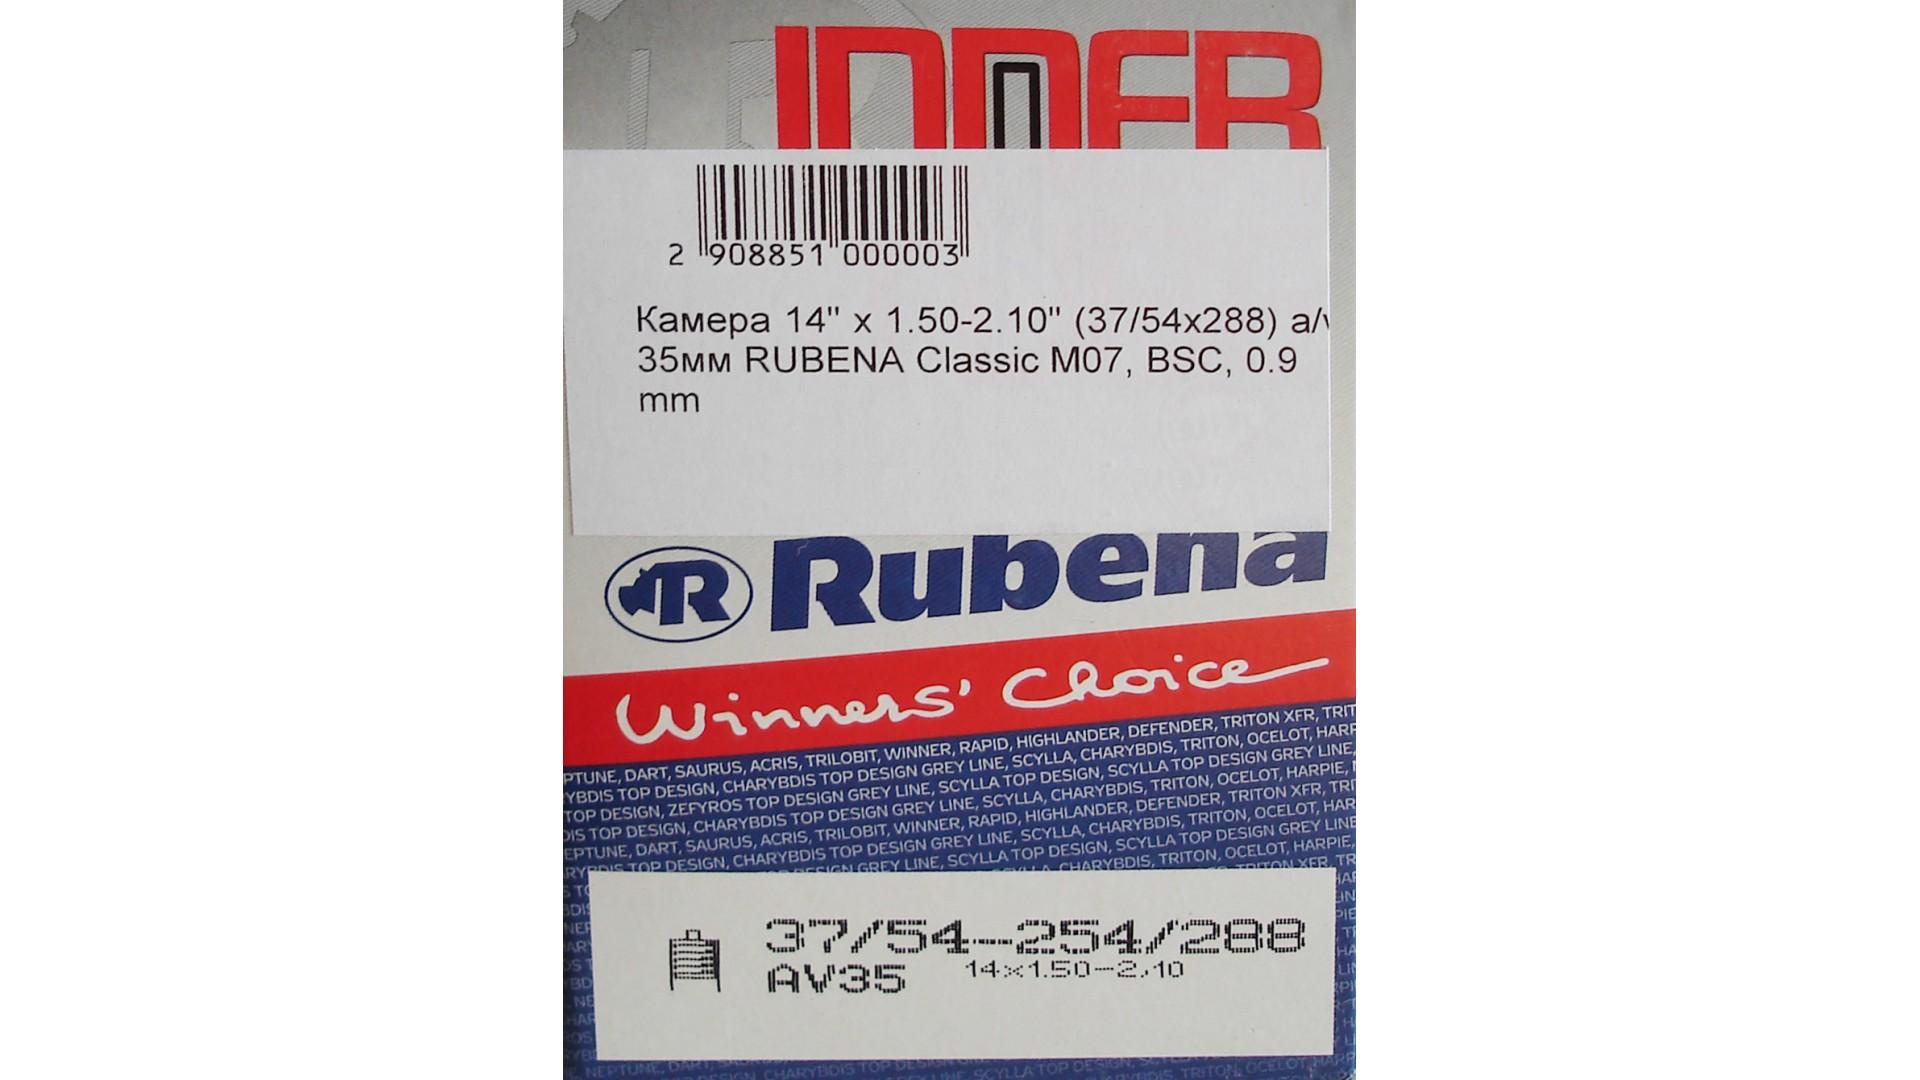 Камера RUBENA 14 x 1.50-2.10 a/v 35мм Classic M07, BSC, 0.9 mm